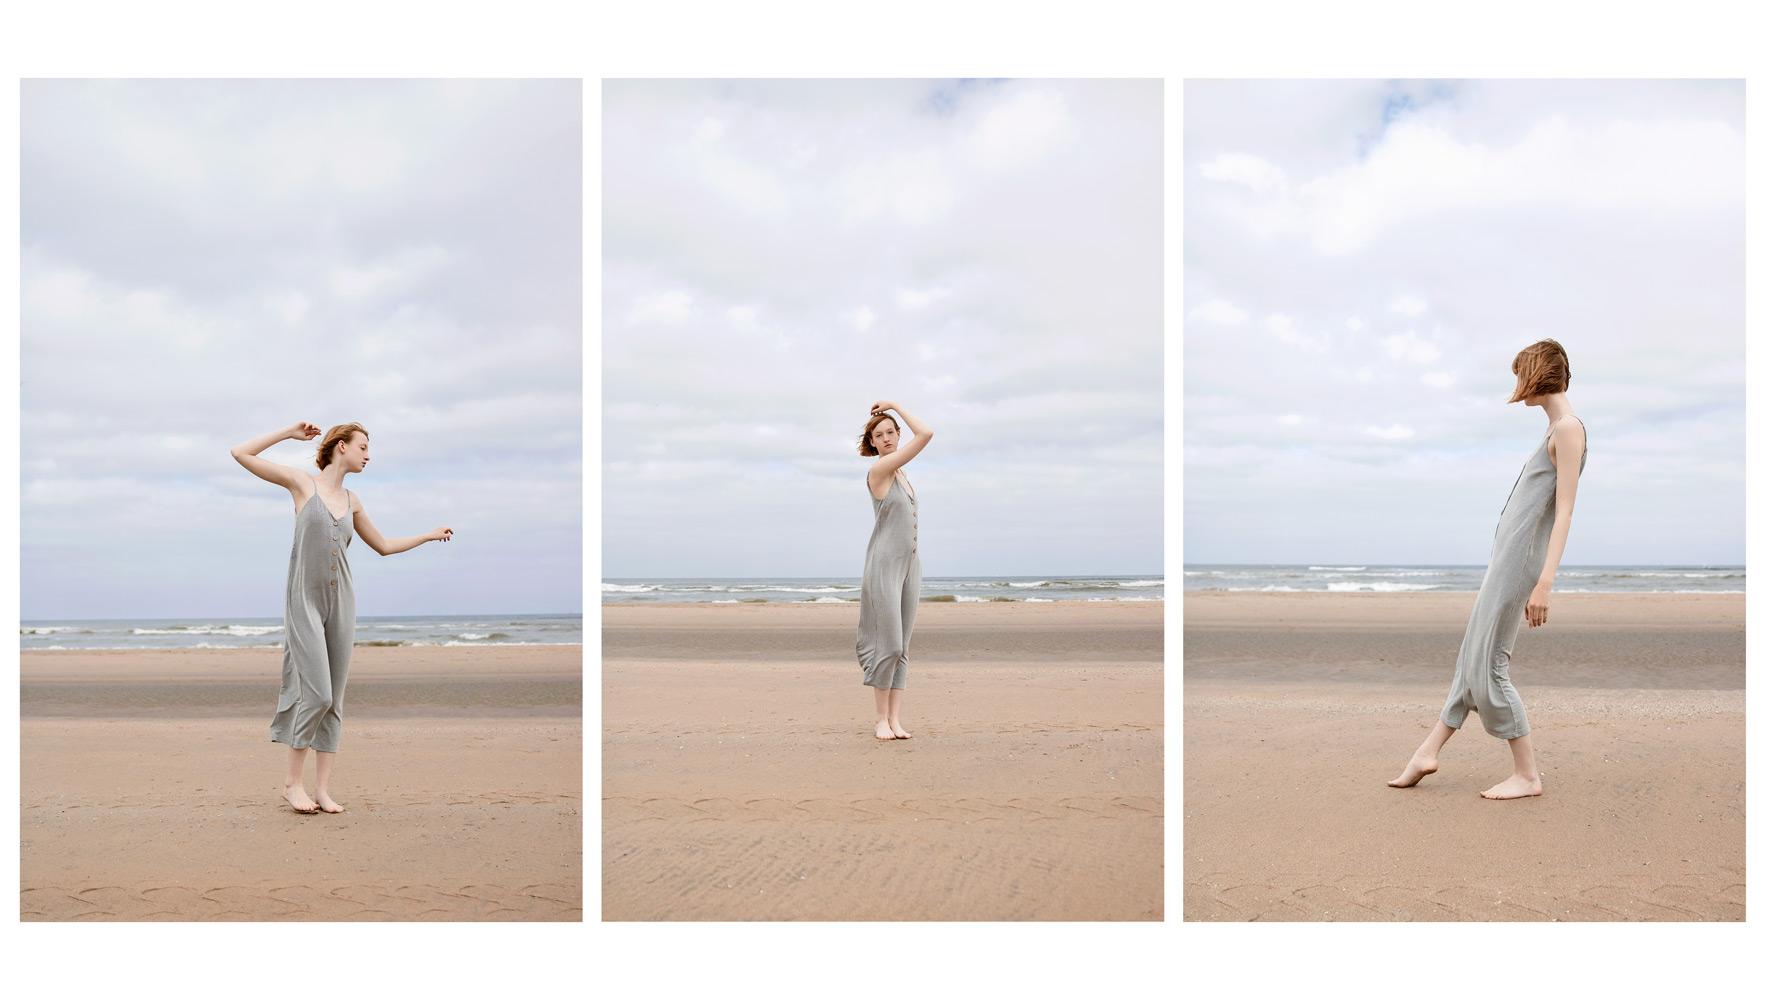 Annemieke Let It Go Models